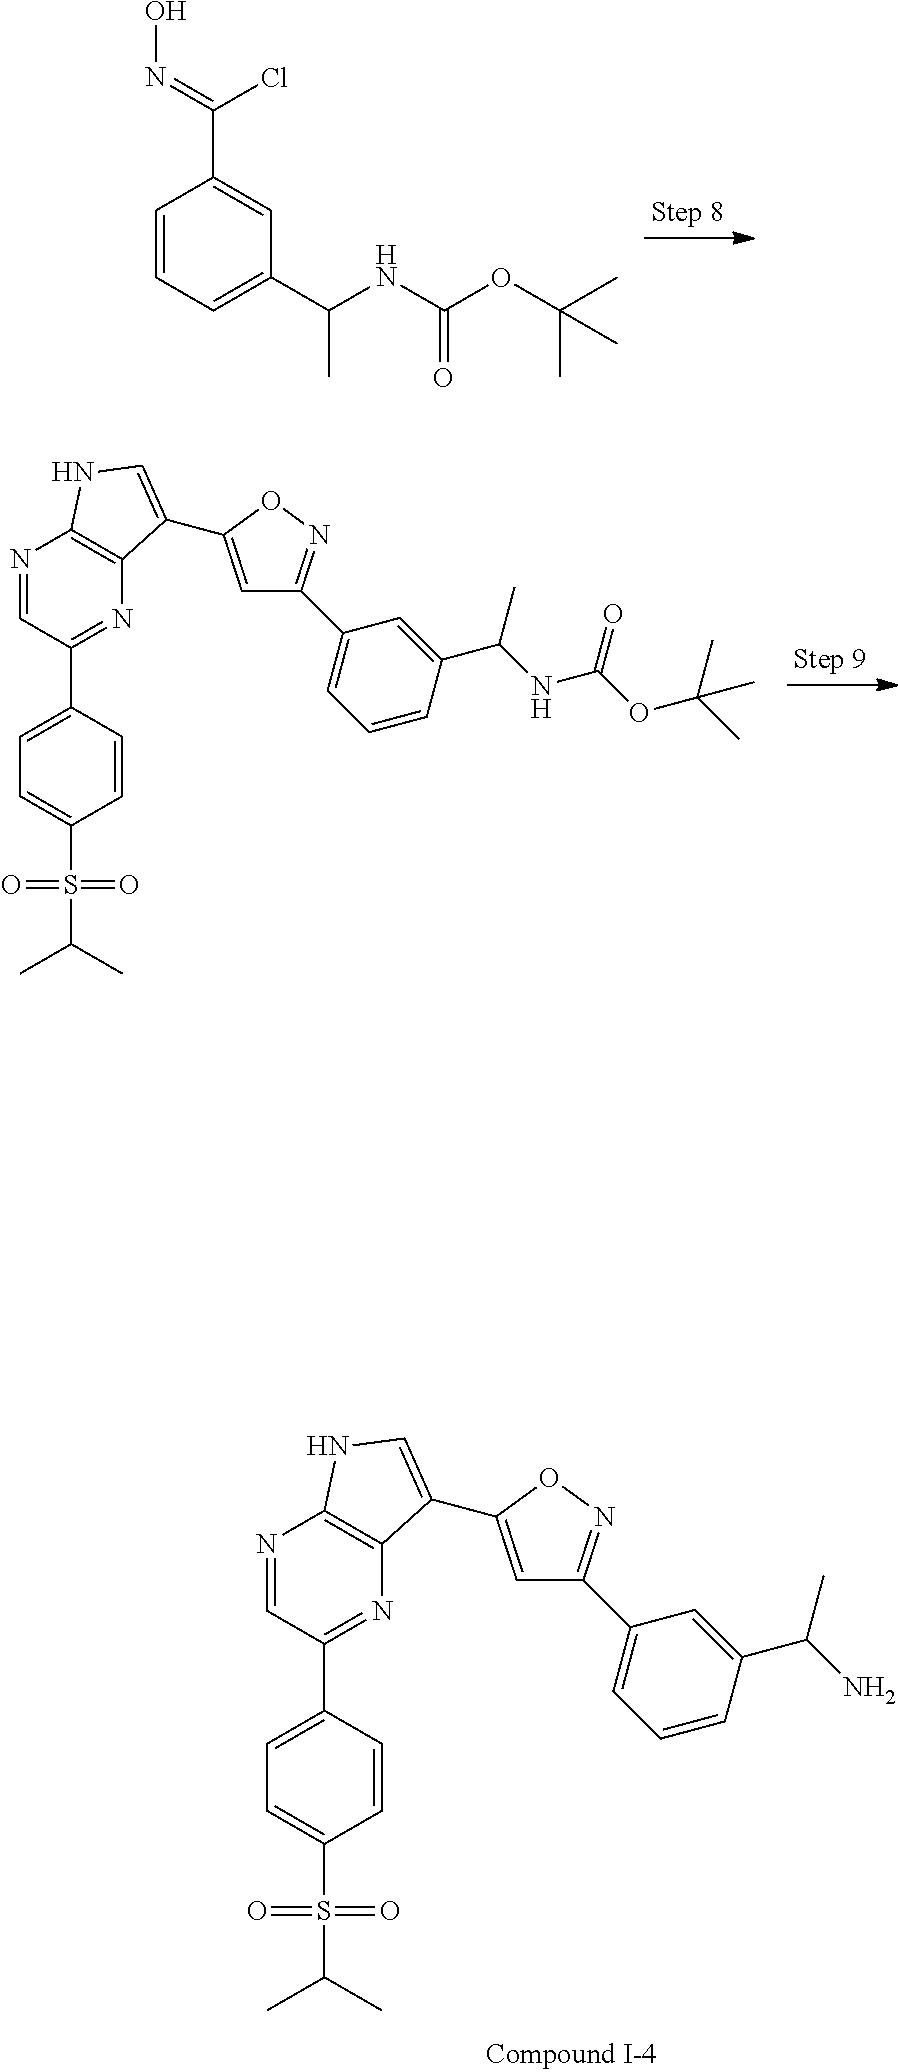 Figure US20120046295A1-20120223-C00131